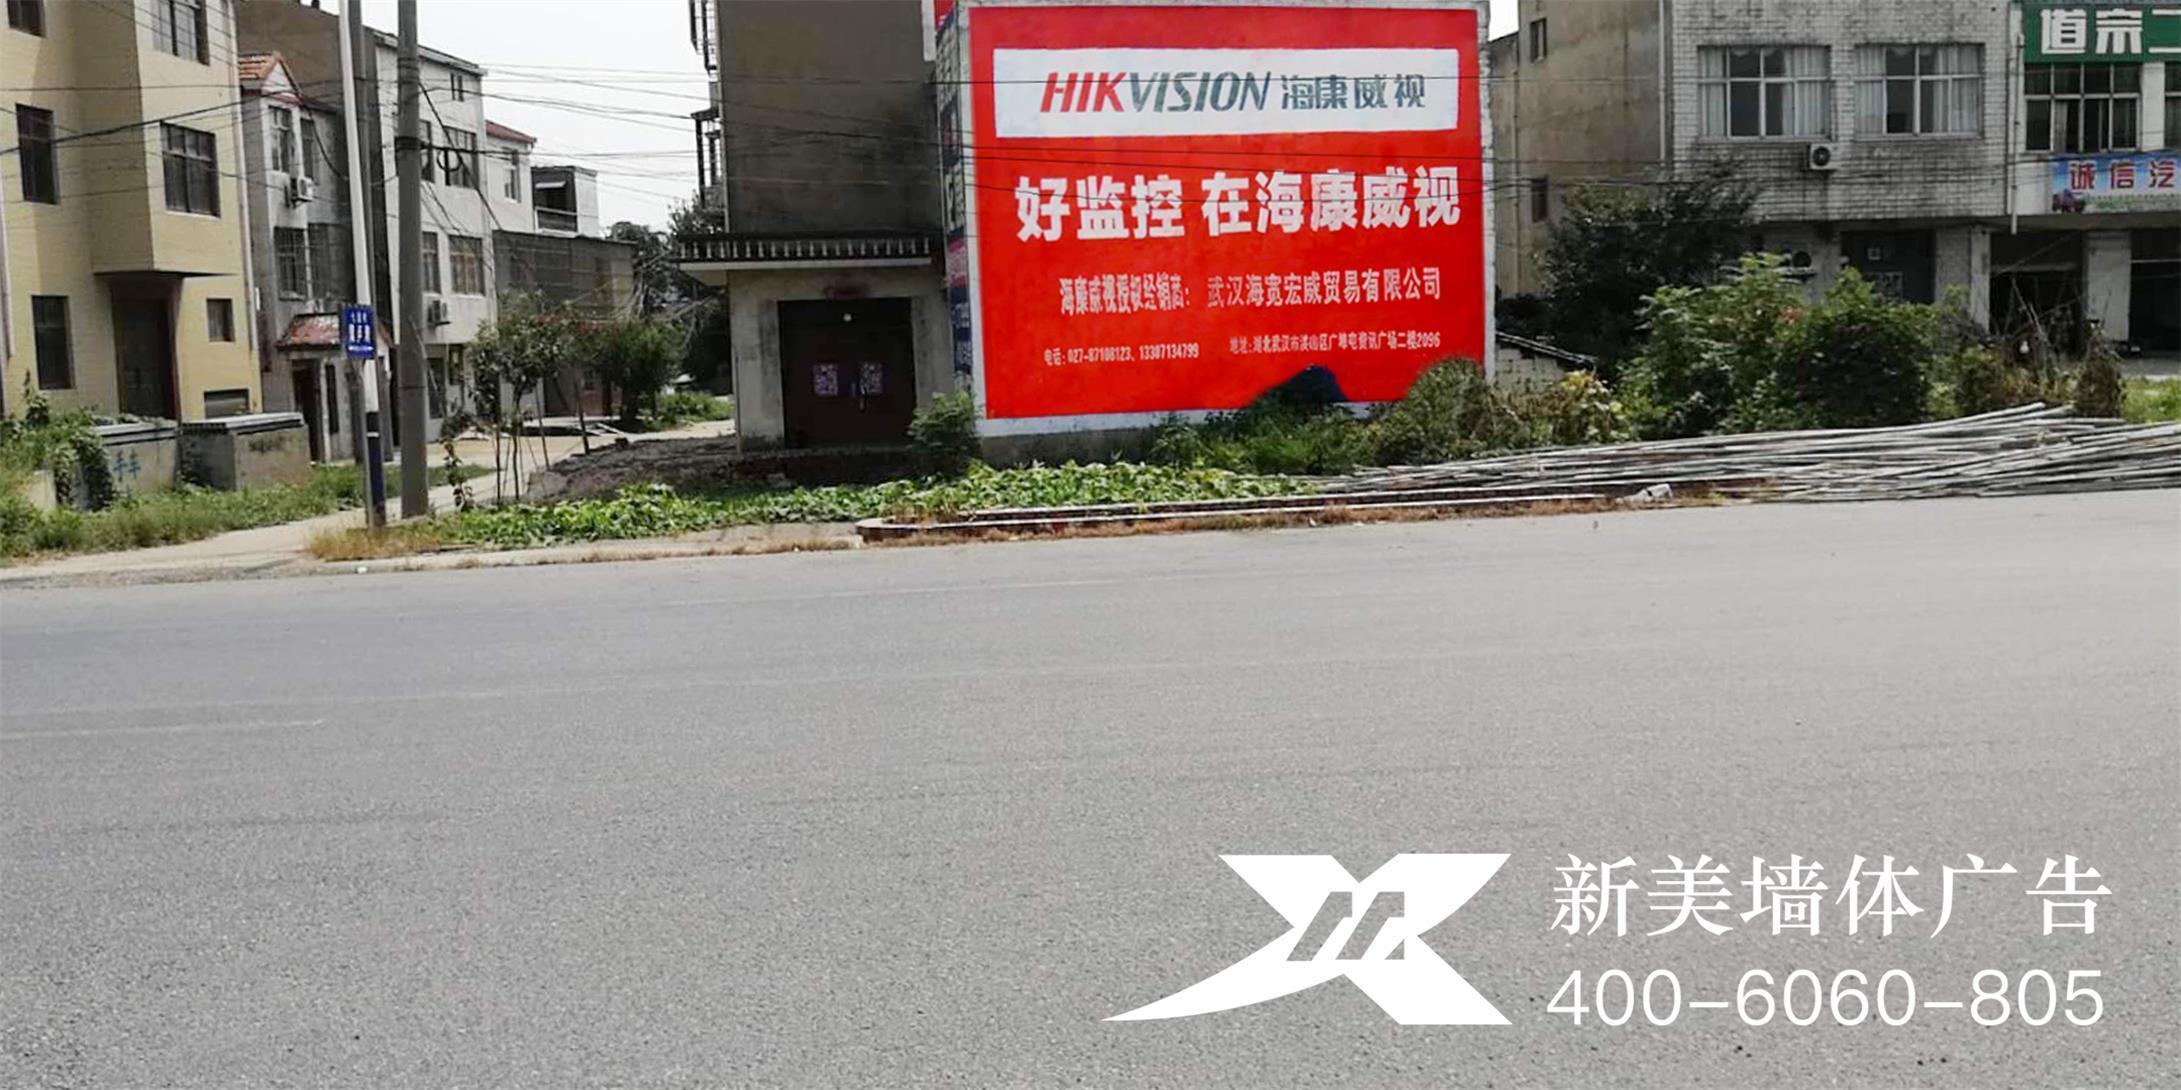 晋城墙体广告户外墙体广告风雨同路二十年我们一直都在